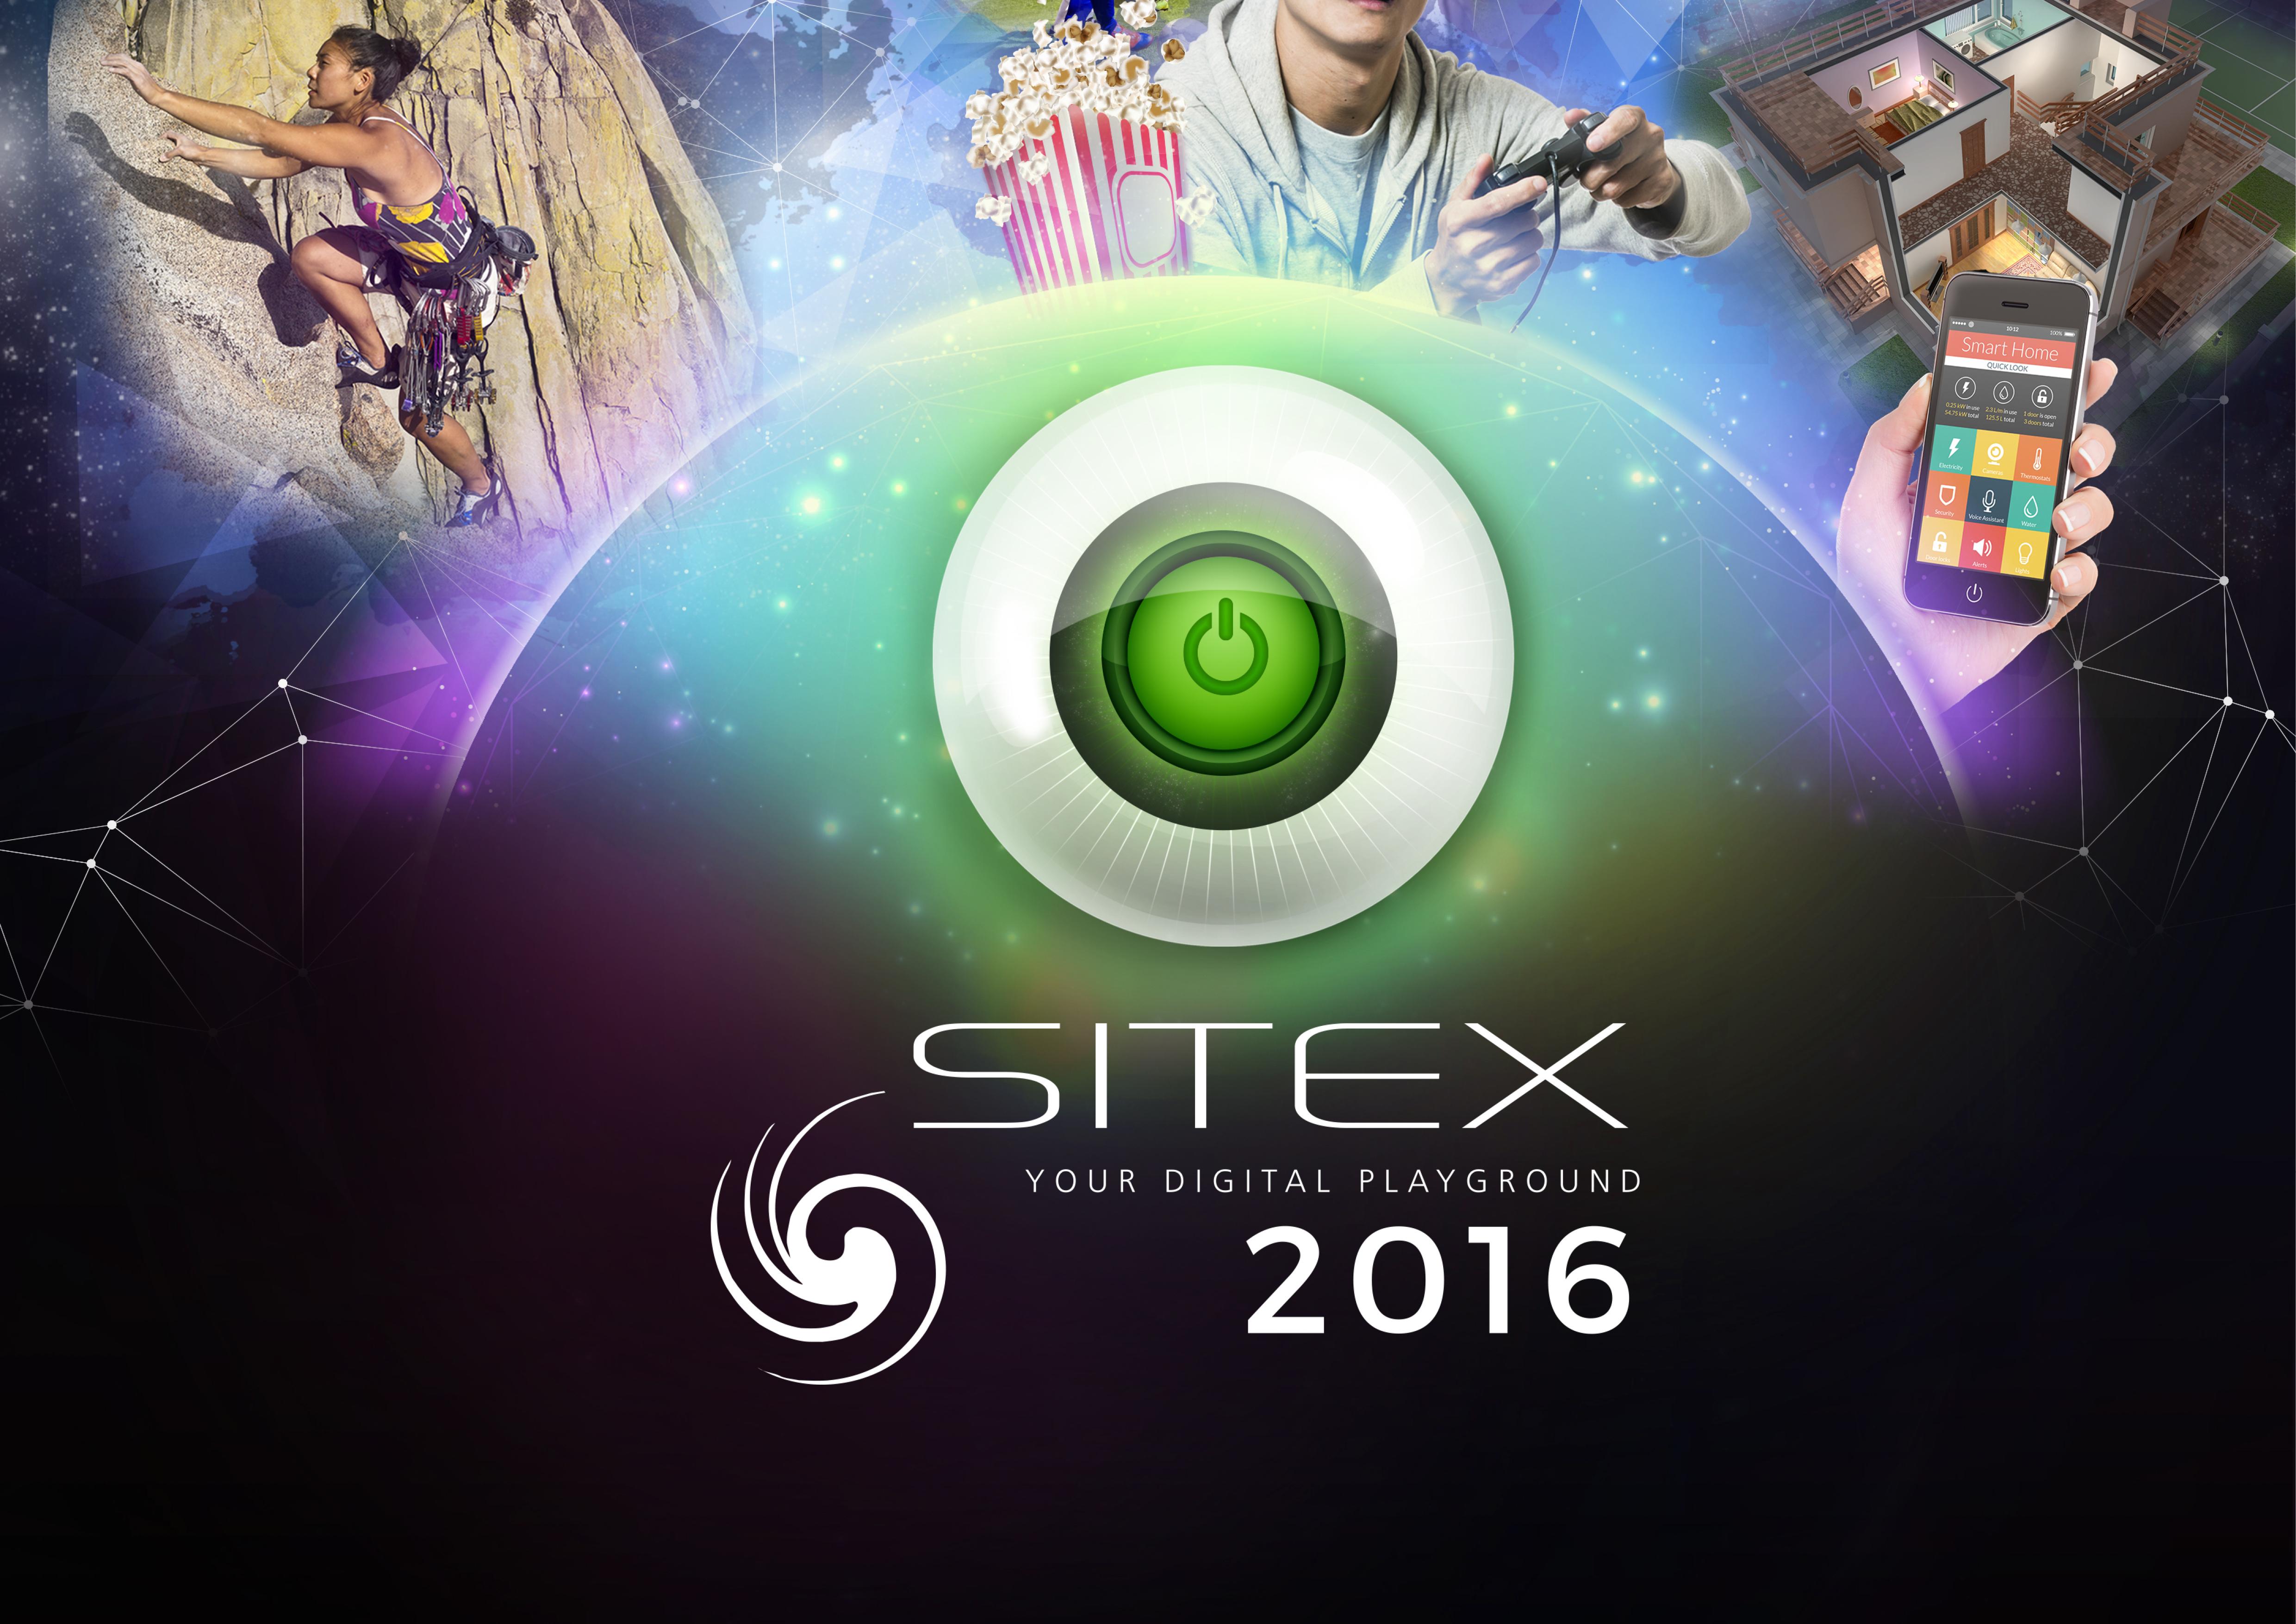 Singapore SITEX 2016